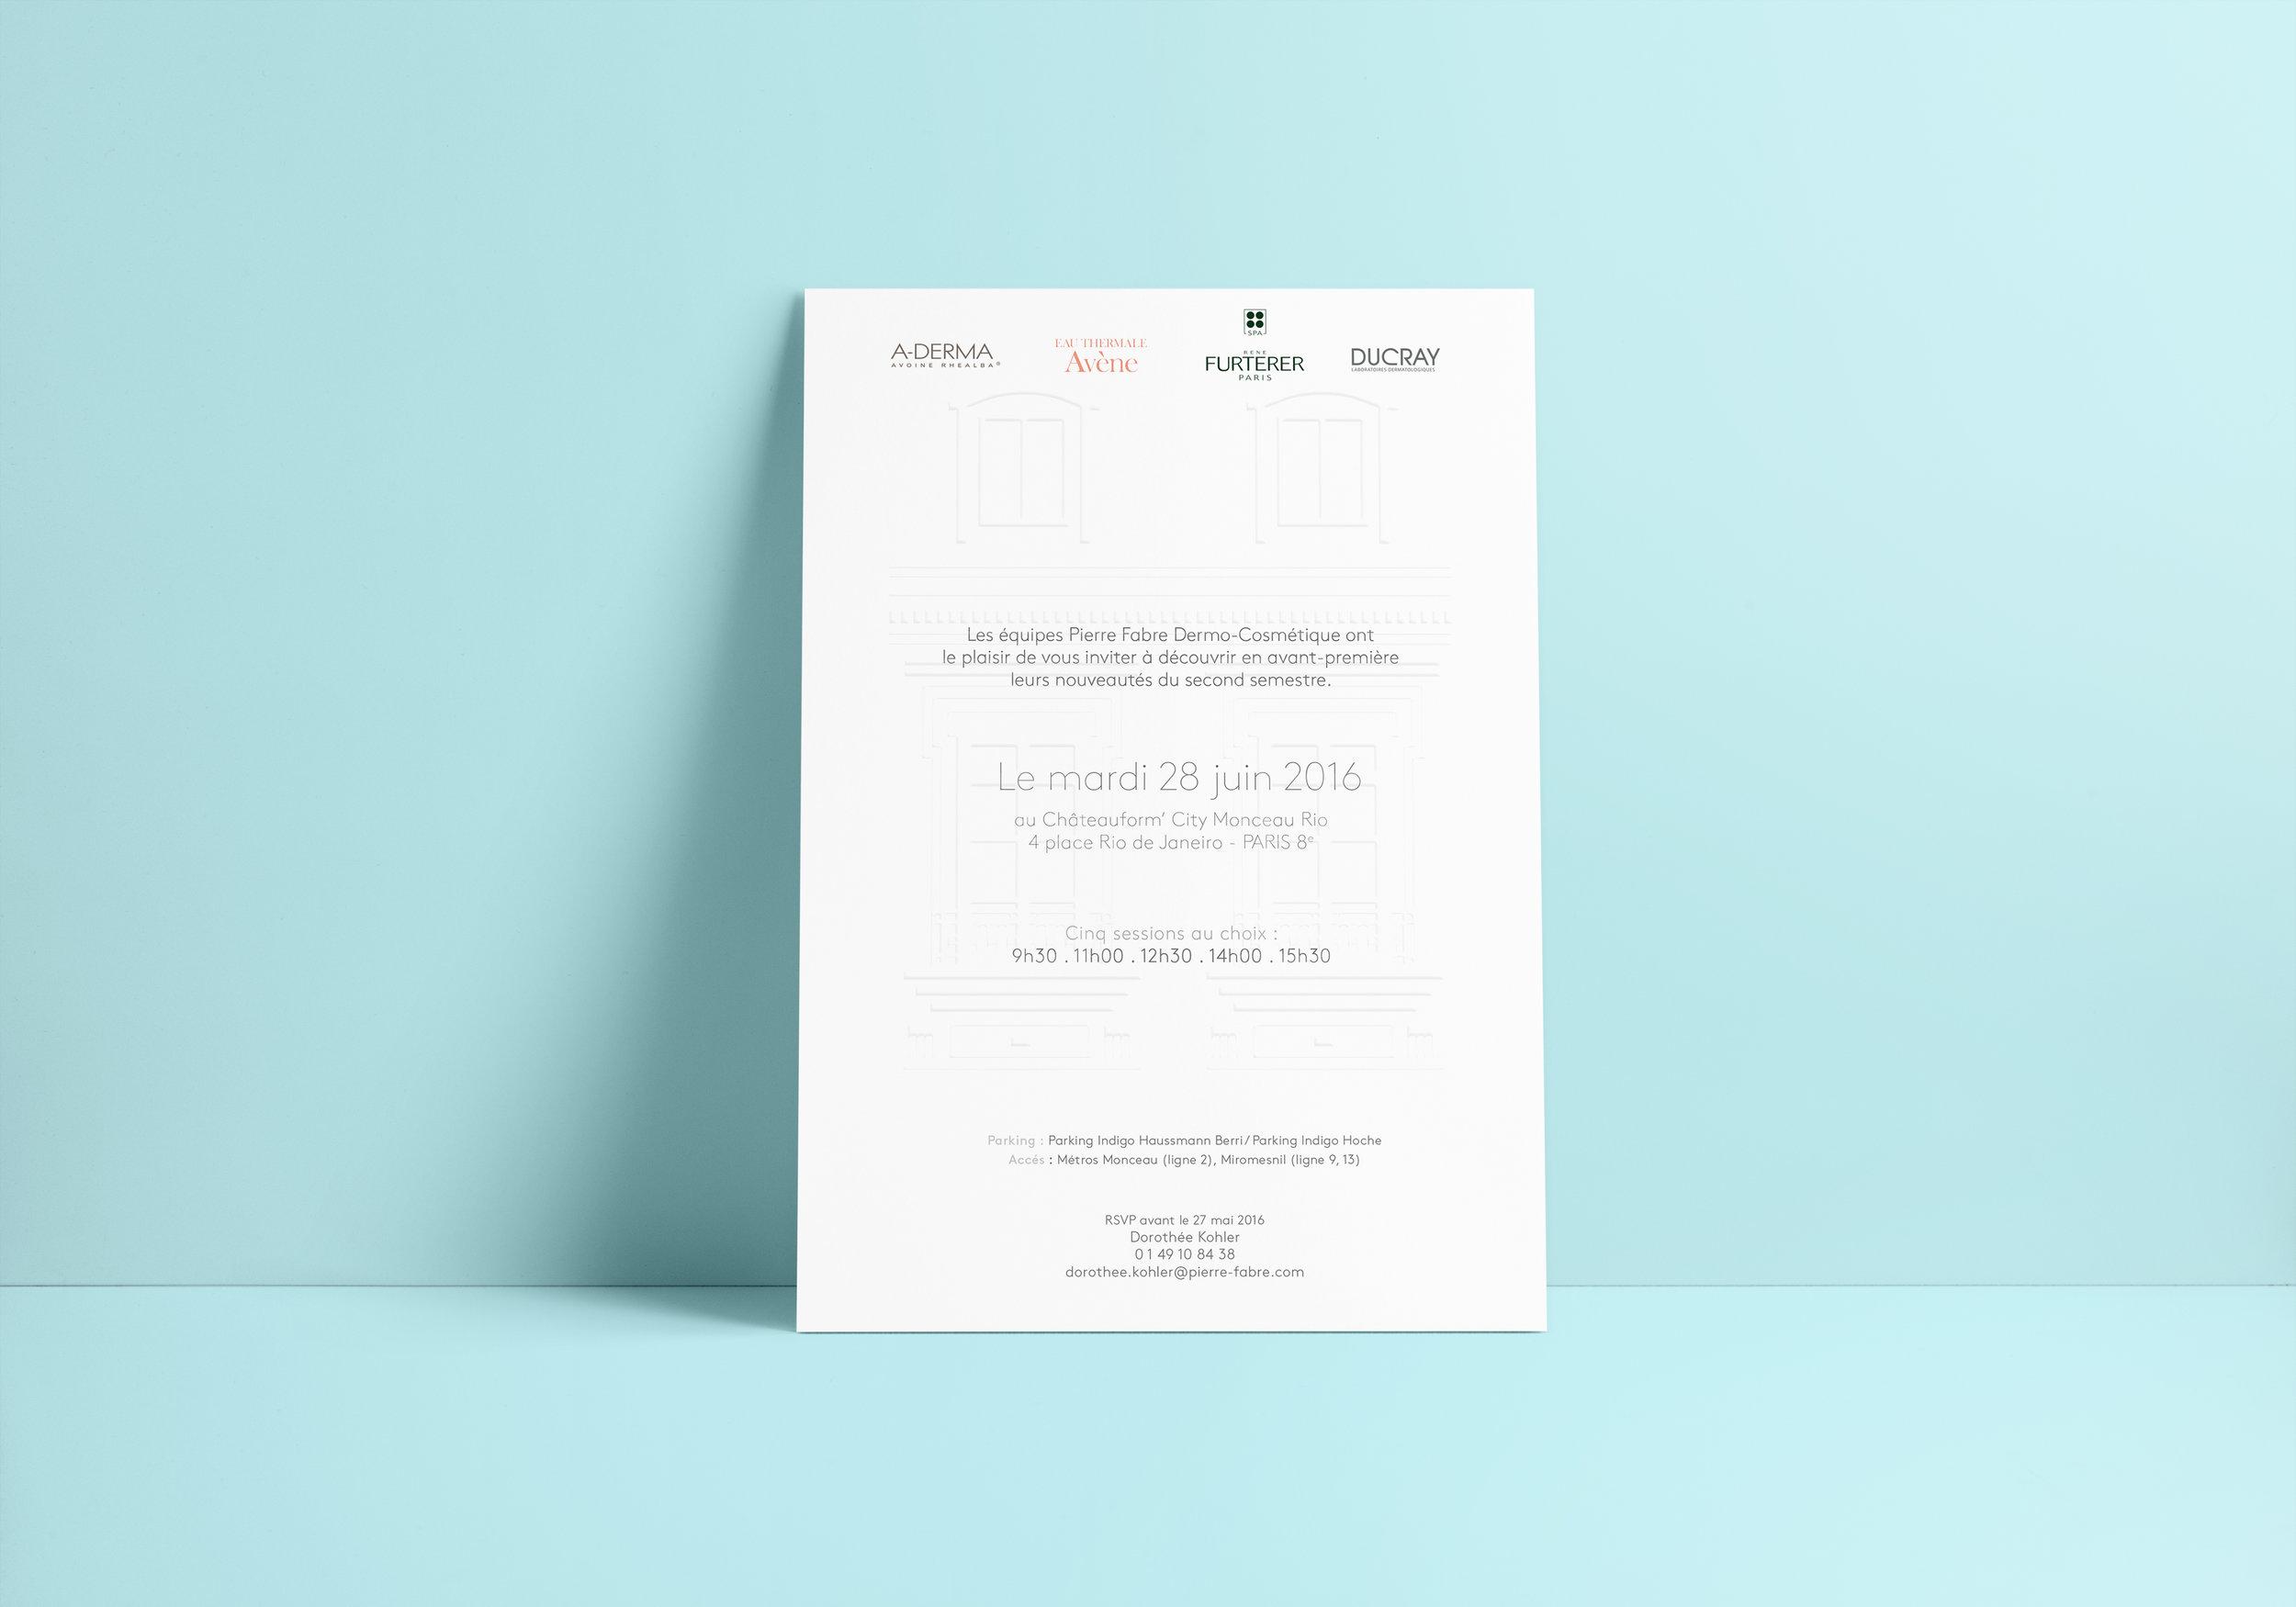 Poster-MockUp-Vert-and-Horiz2.jpg